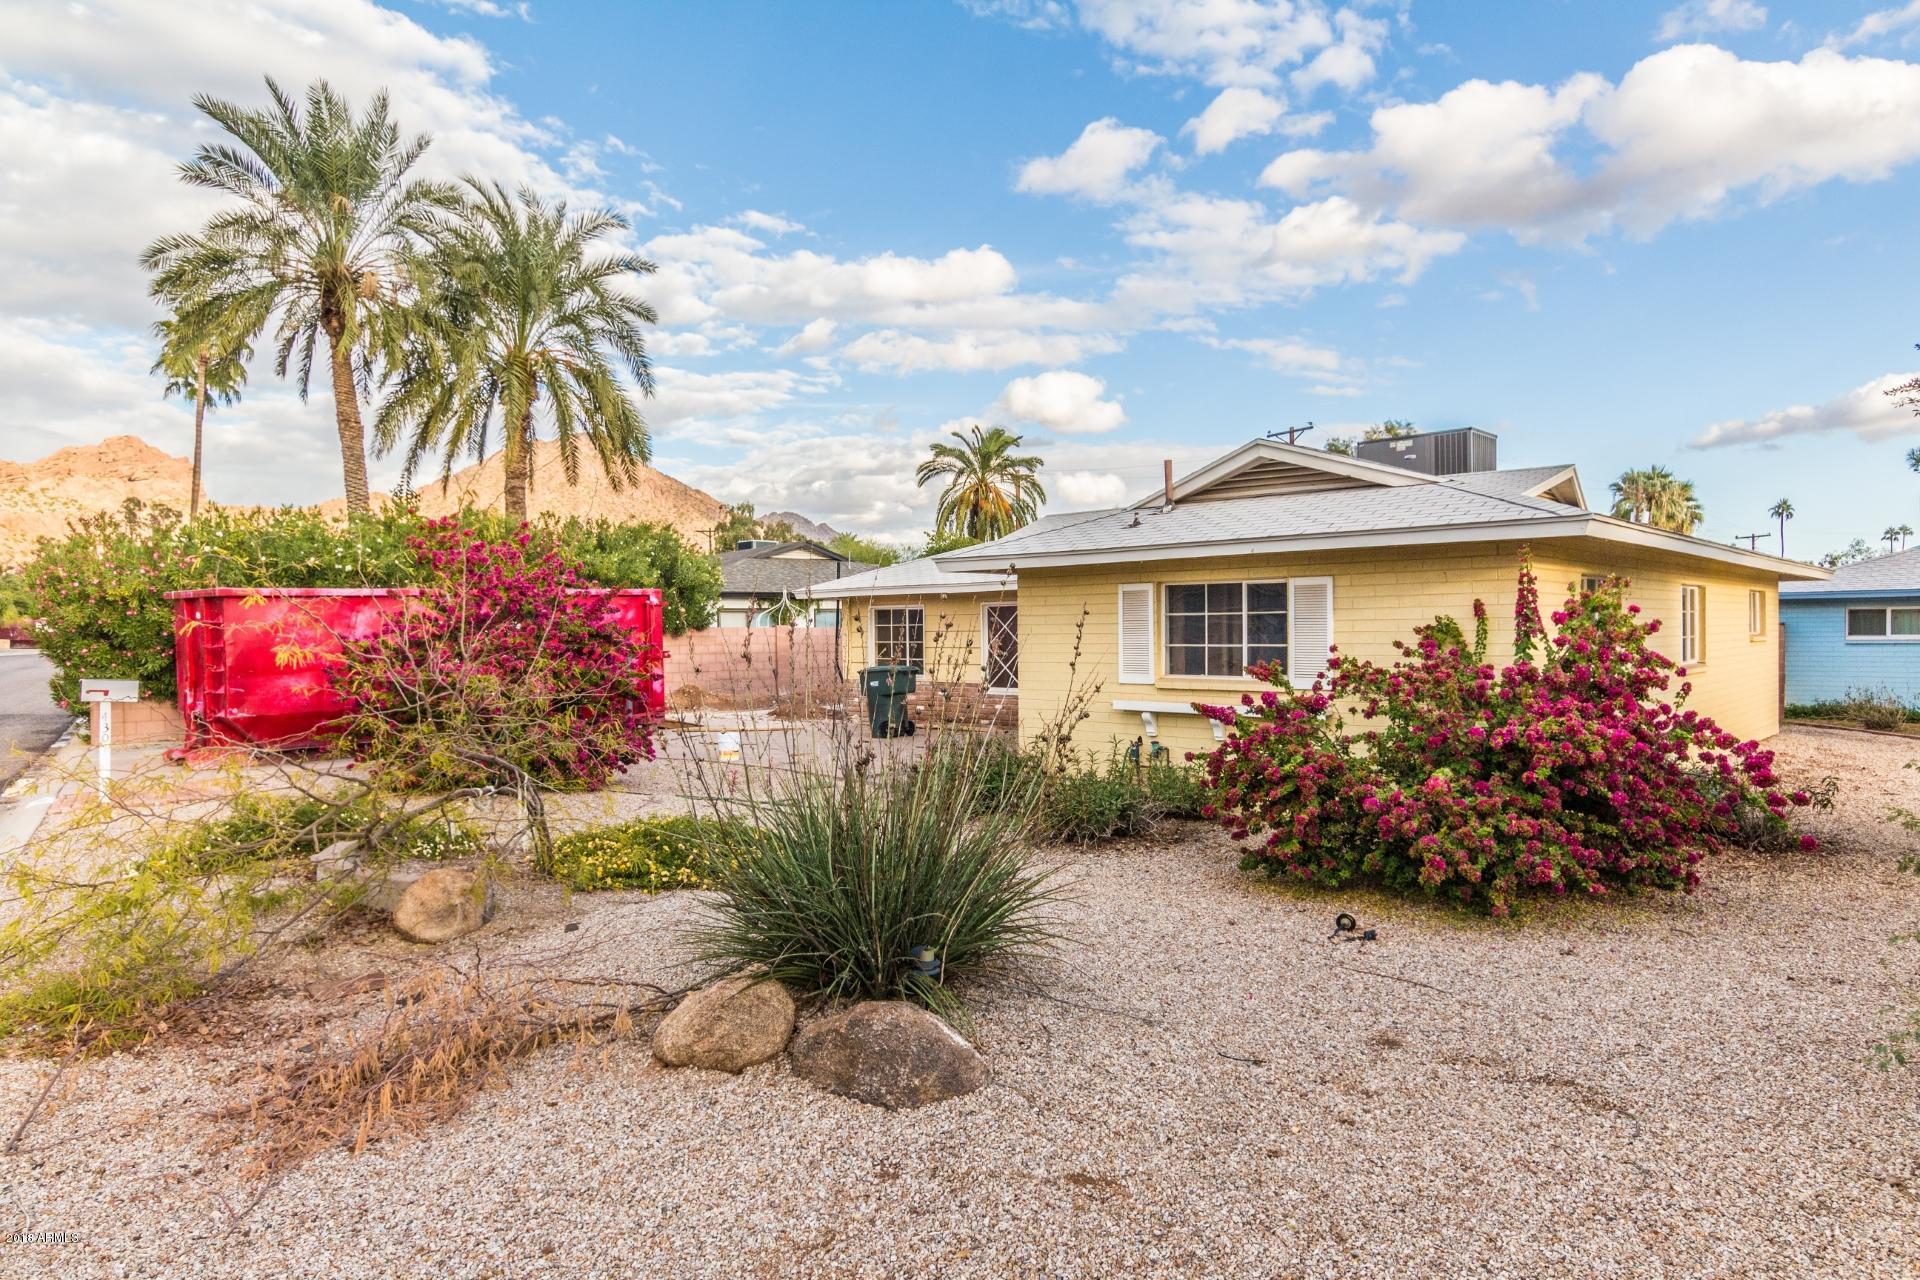 Photo of 4301 E CALLE FELIZ Avenue, Phoenix, AZ 85018